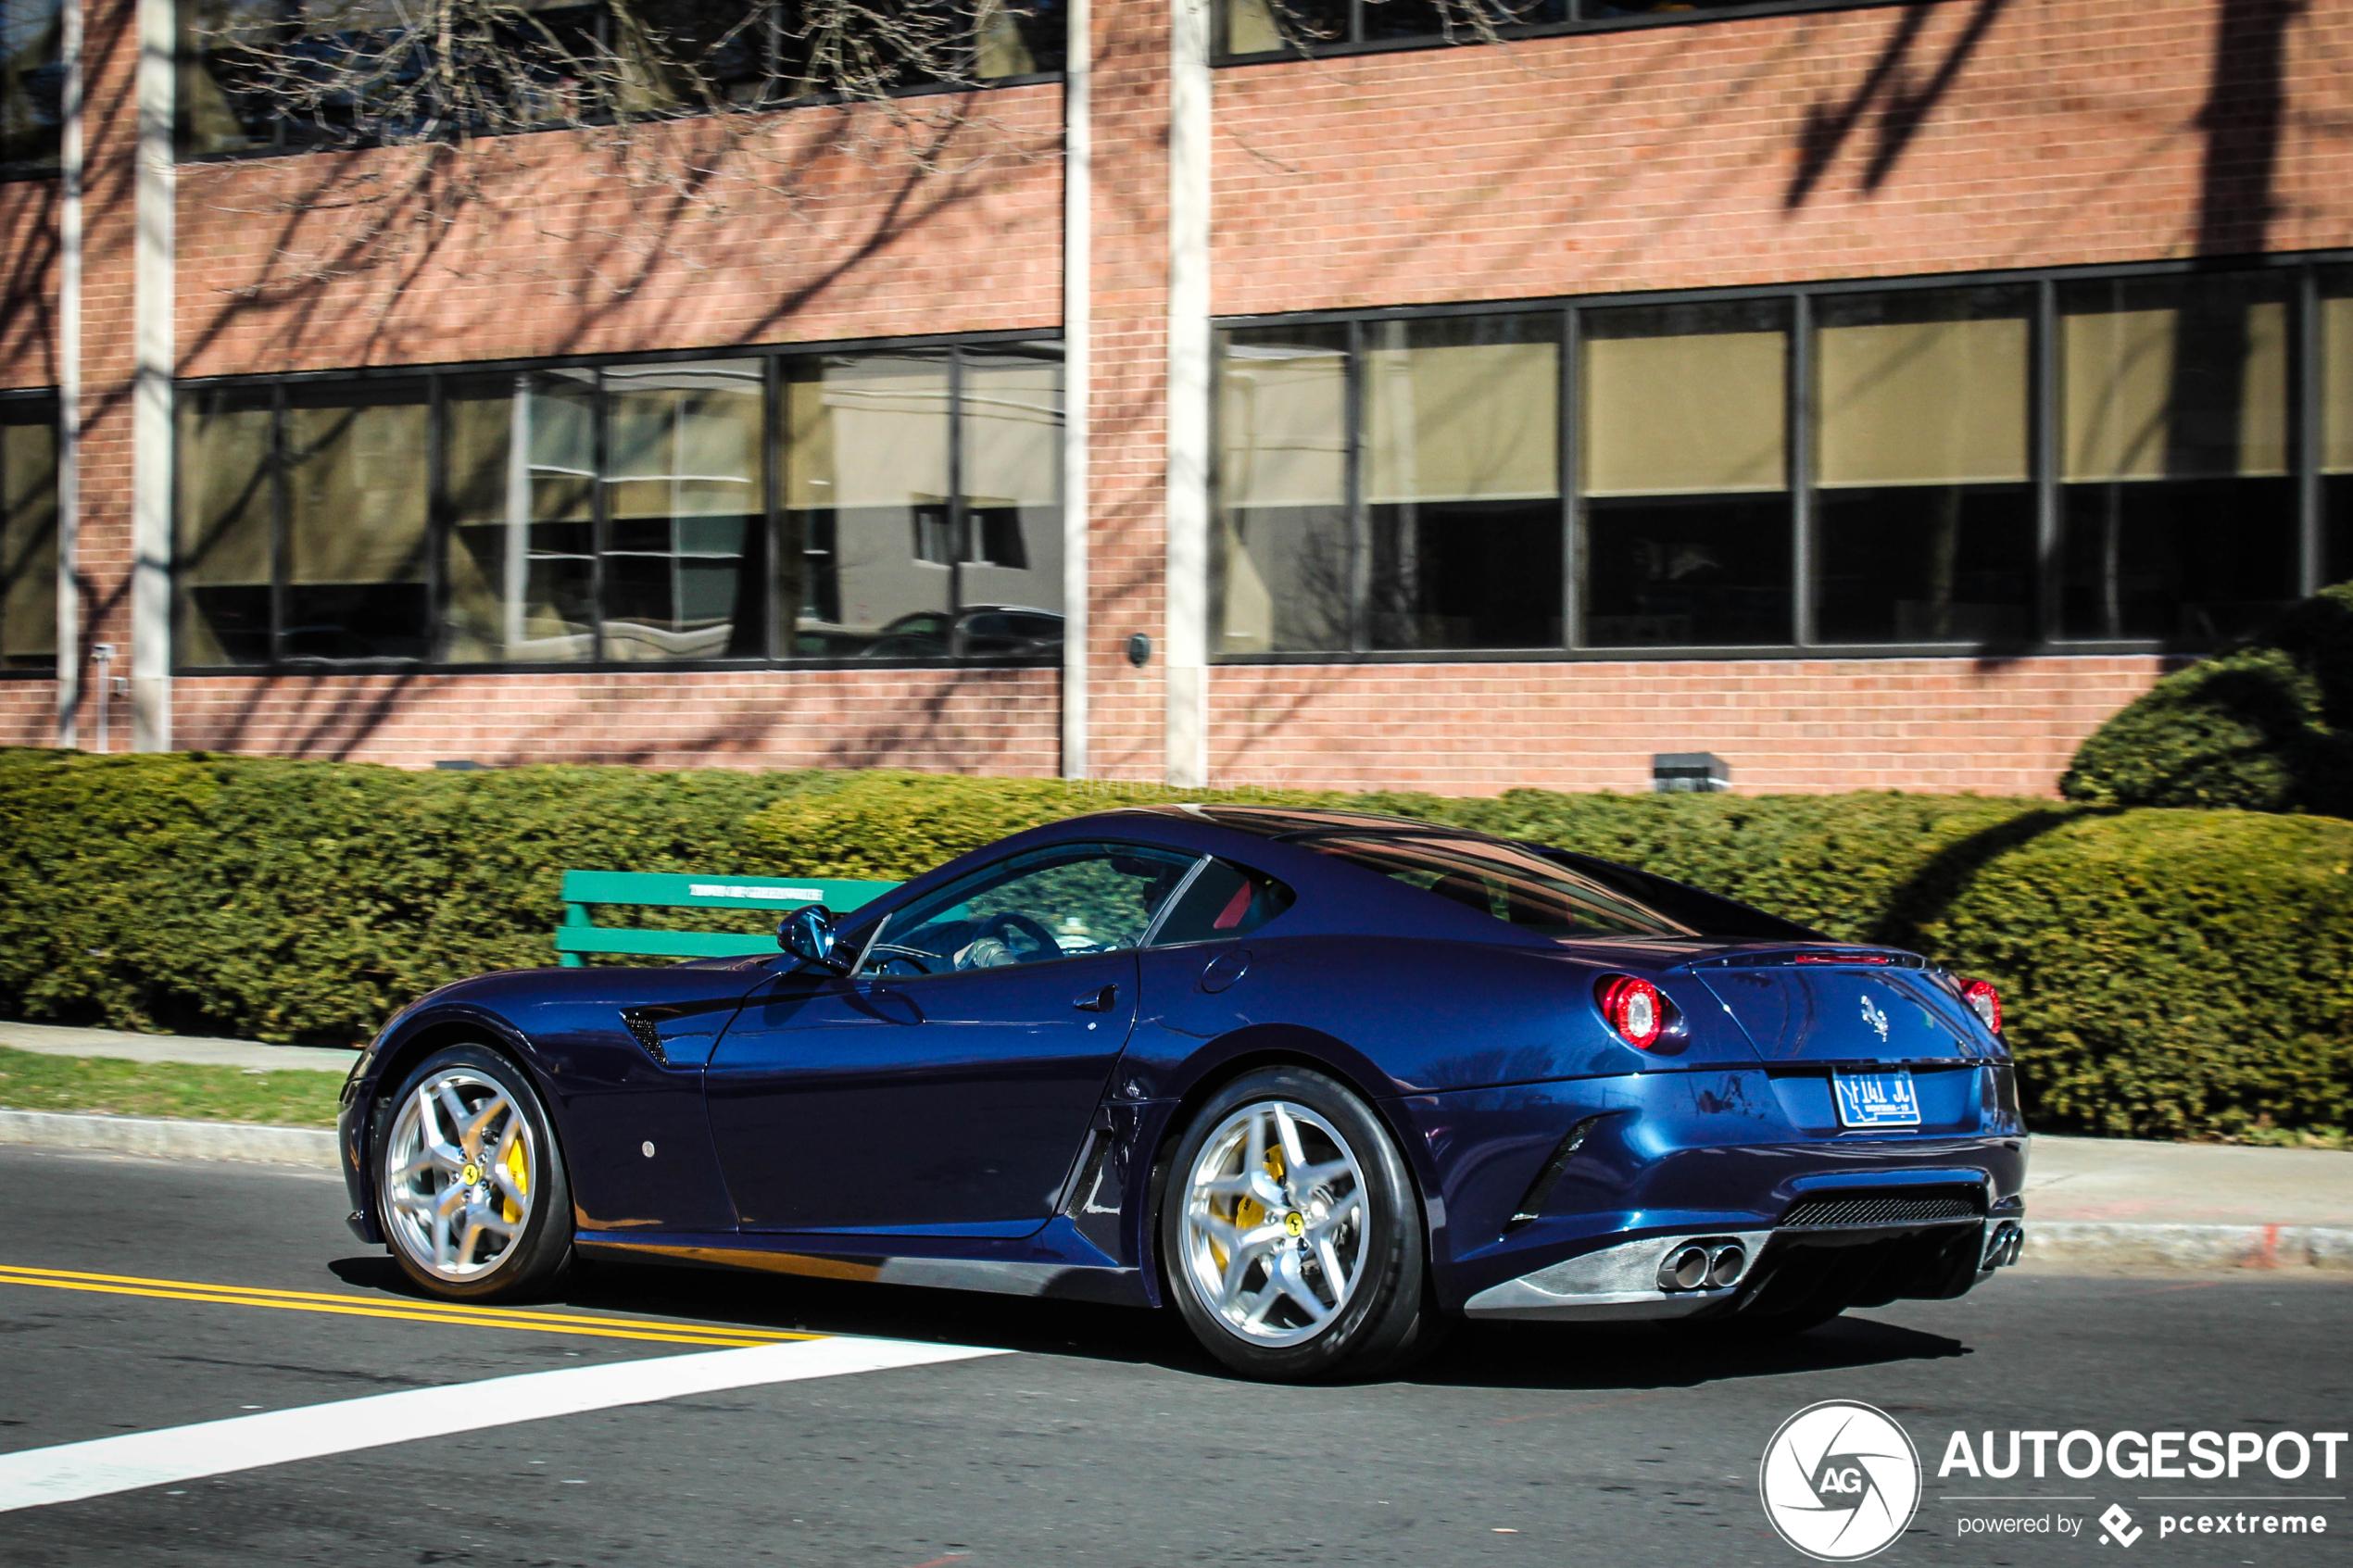 Ferrari 599 GTB Jason Castriota Designs Speciale is really special